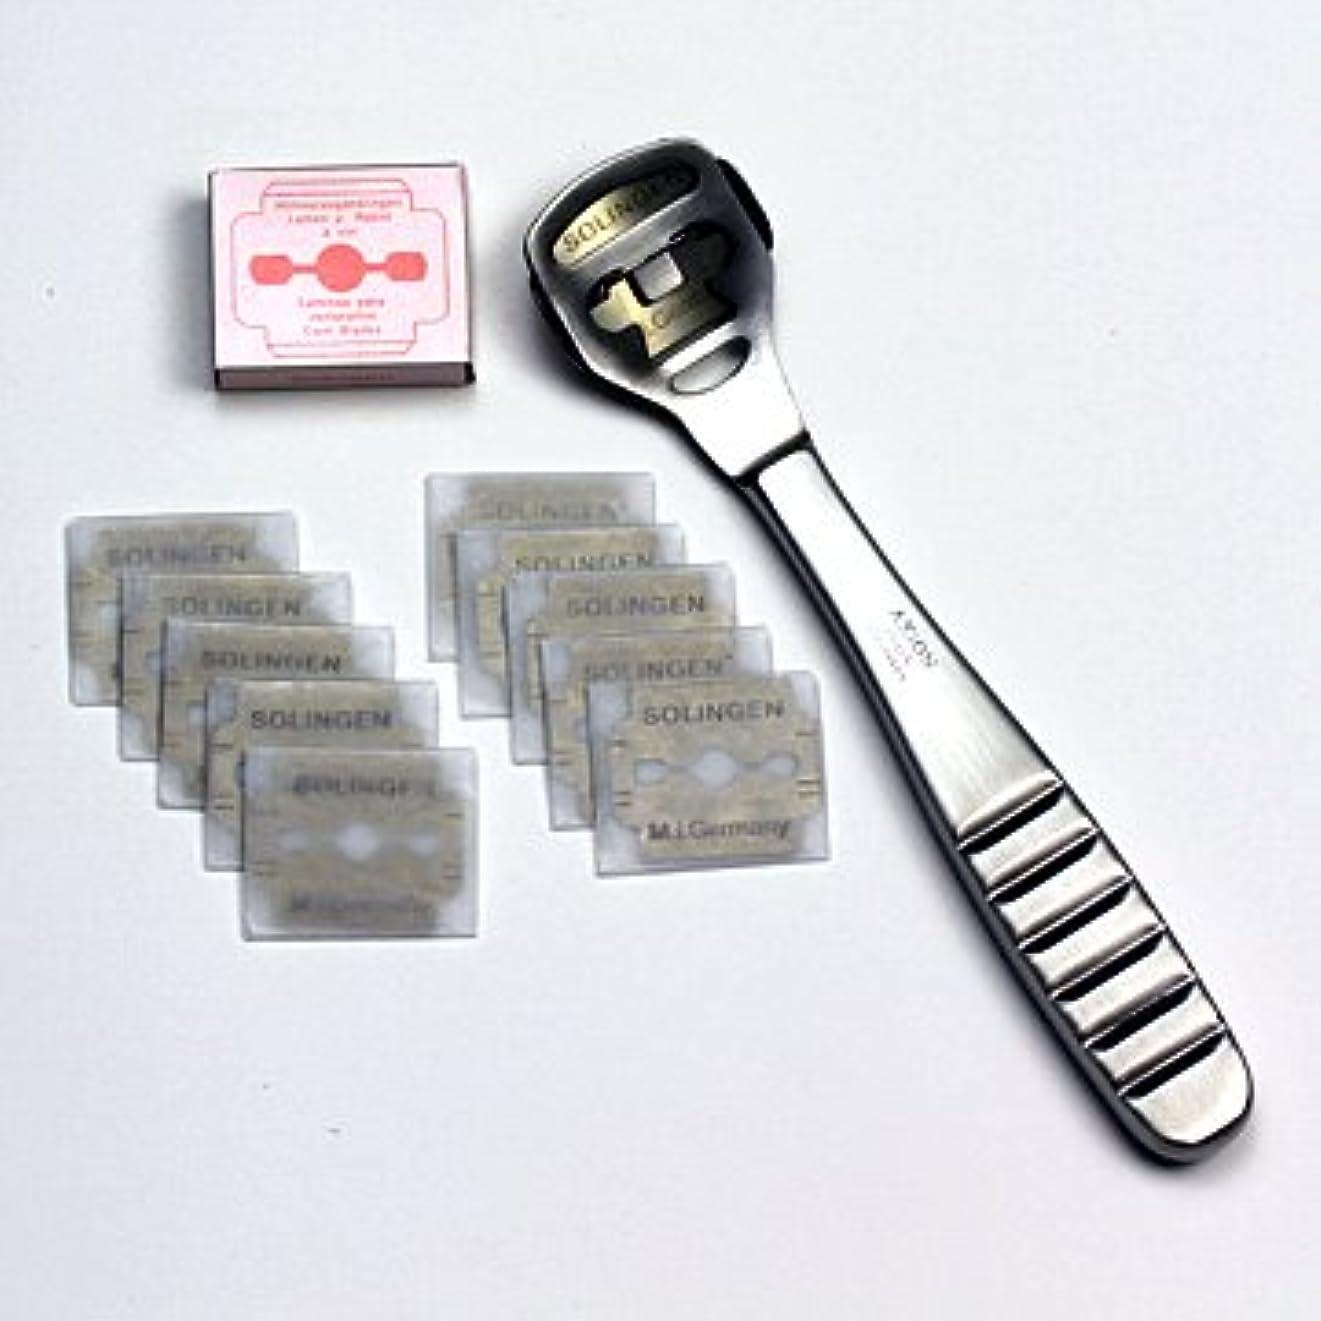 トースト傾向ズボンドイツ?ゾーリンゲン AXiON(アクシオン)ステンレス製かかと削り器(ゾーリンゲン製替刃11枚付) #slg008420fba